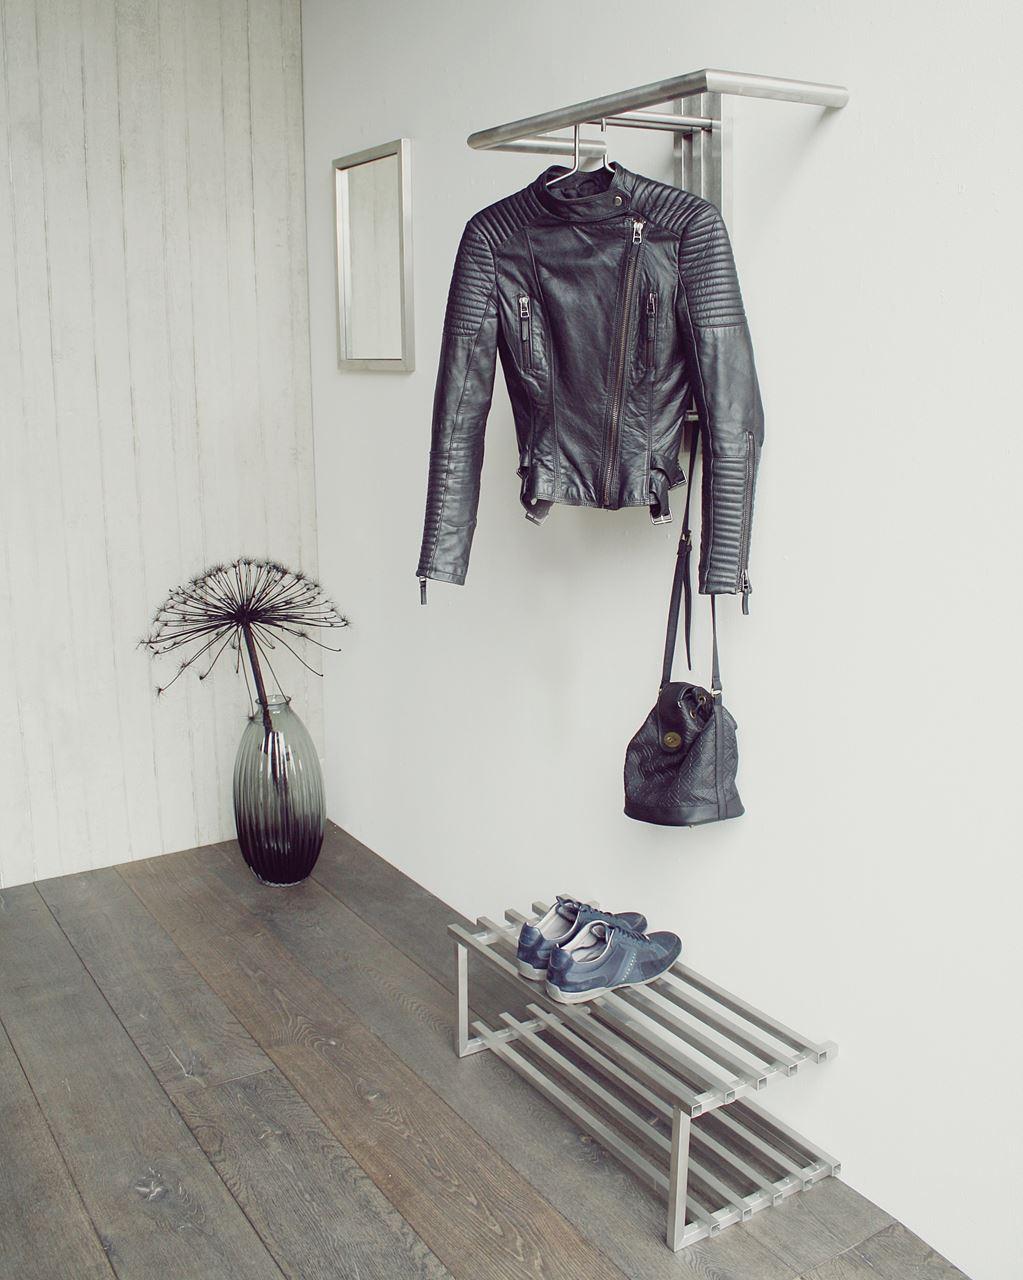 Malerisch Edelstahl Garderobe Referenz Von Spinder Design Senza 1 -